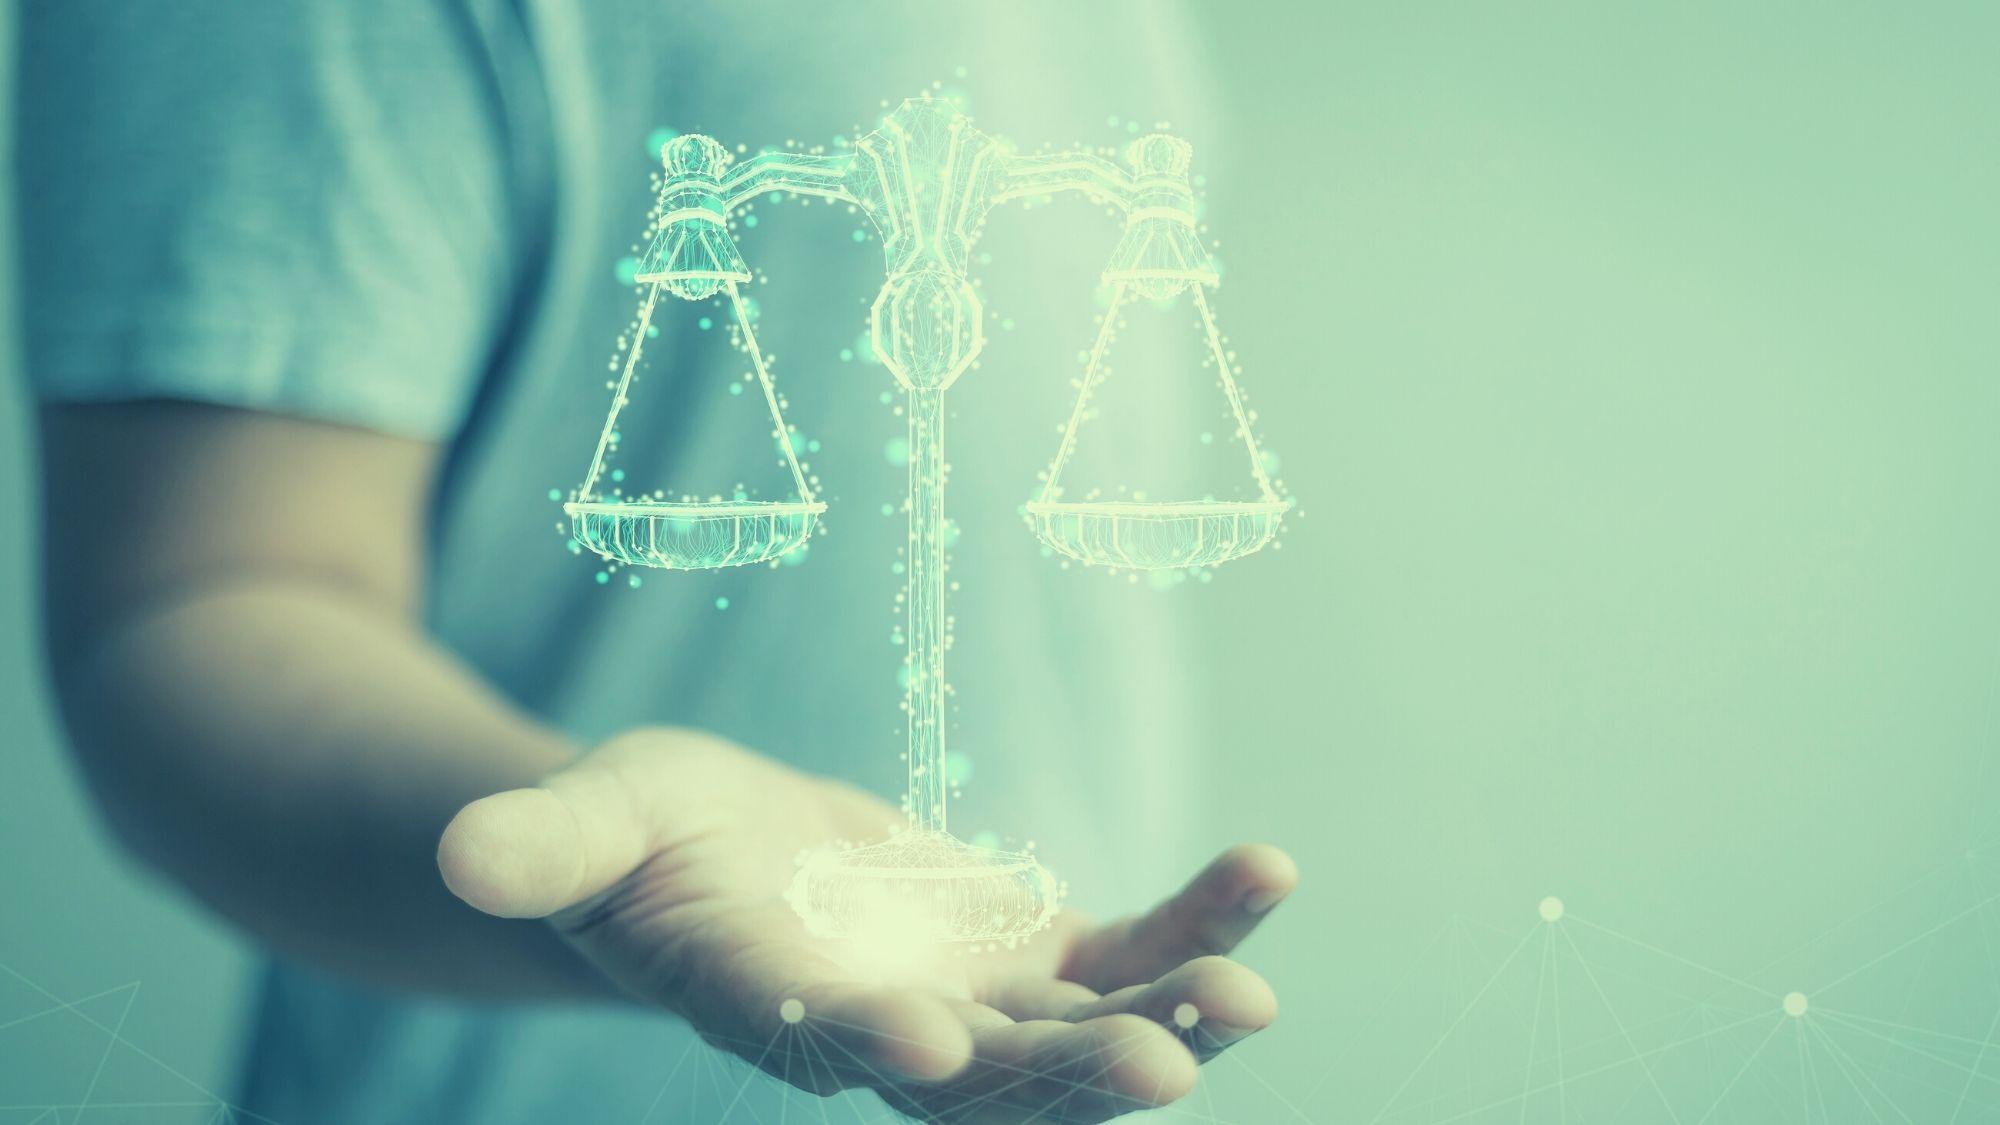 מאזני צדק – תביעות לשון הרע ועד הבית